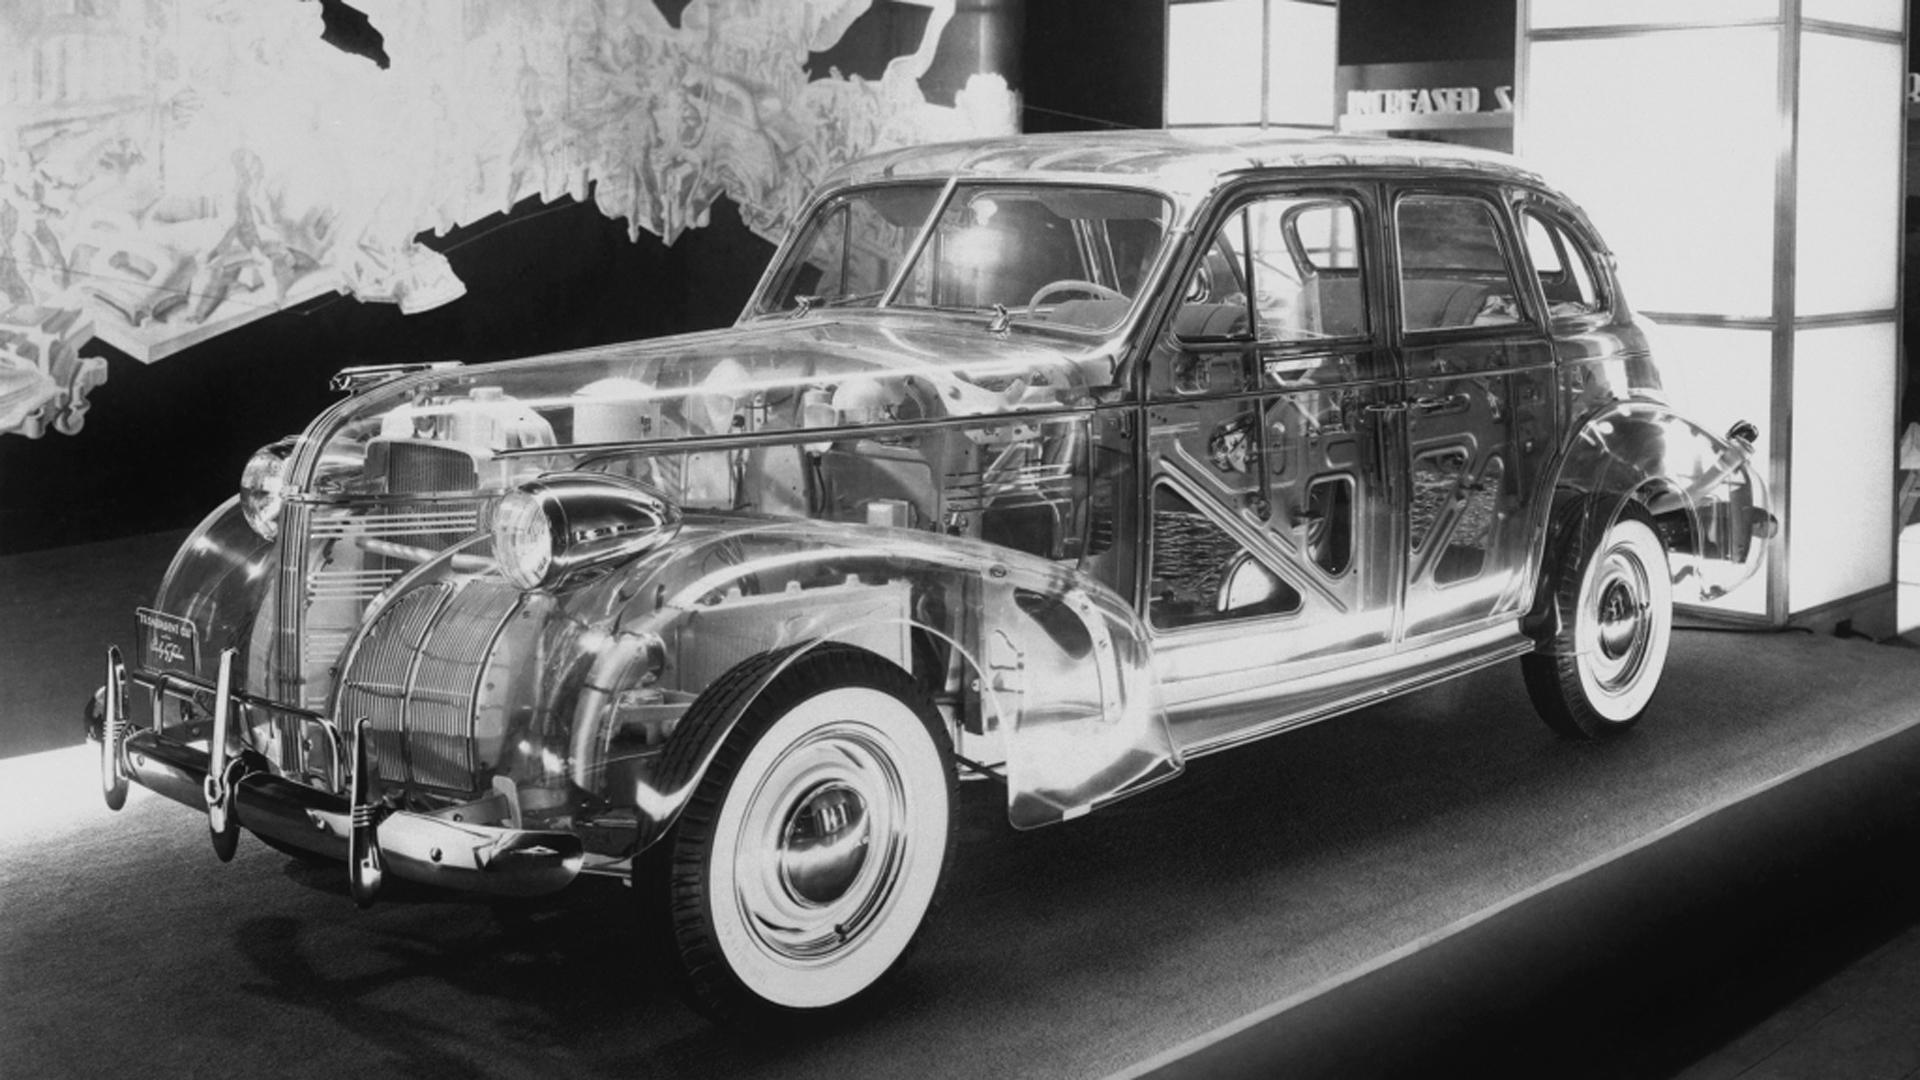 La carrocería del Pontiac Deluxe Six fue construida en plexiglás, un descubrimiento simultáneo a su lanzamiento